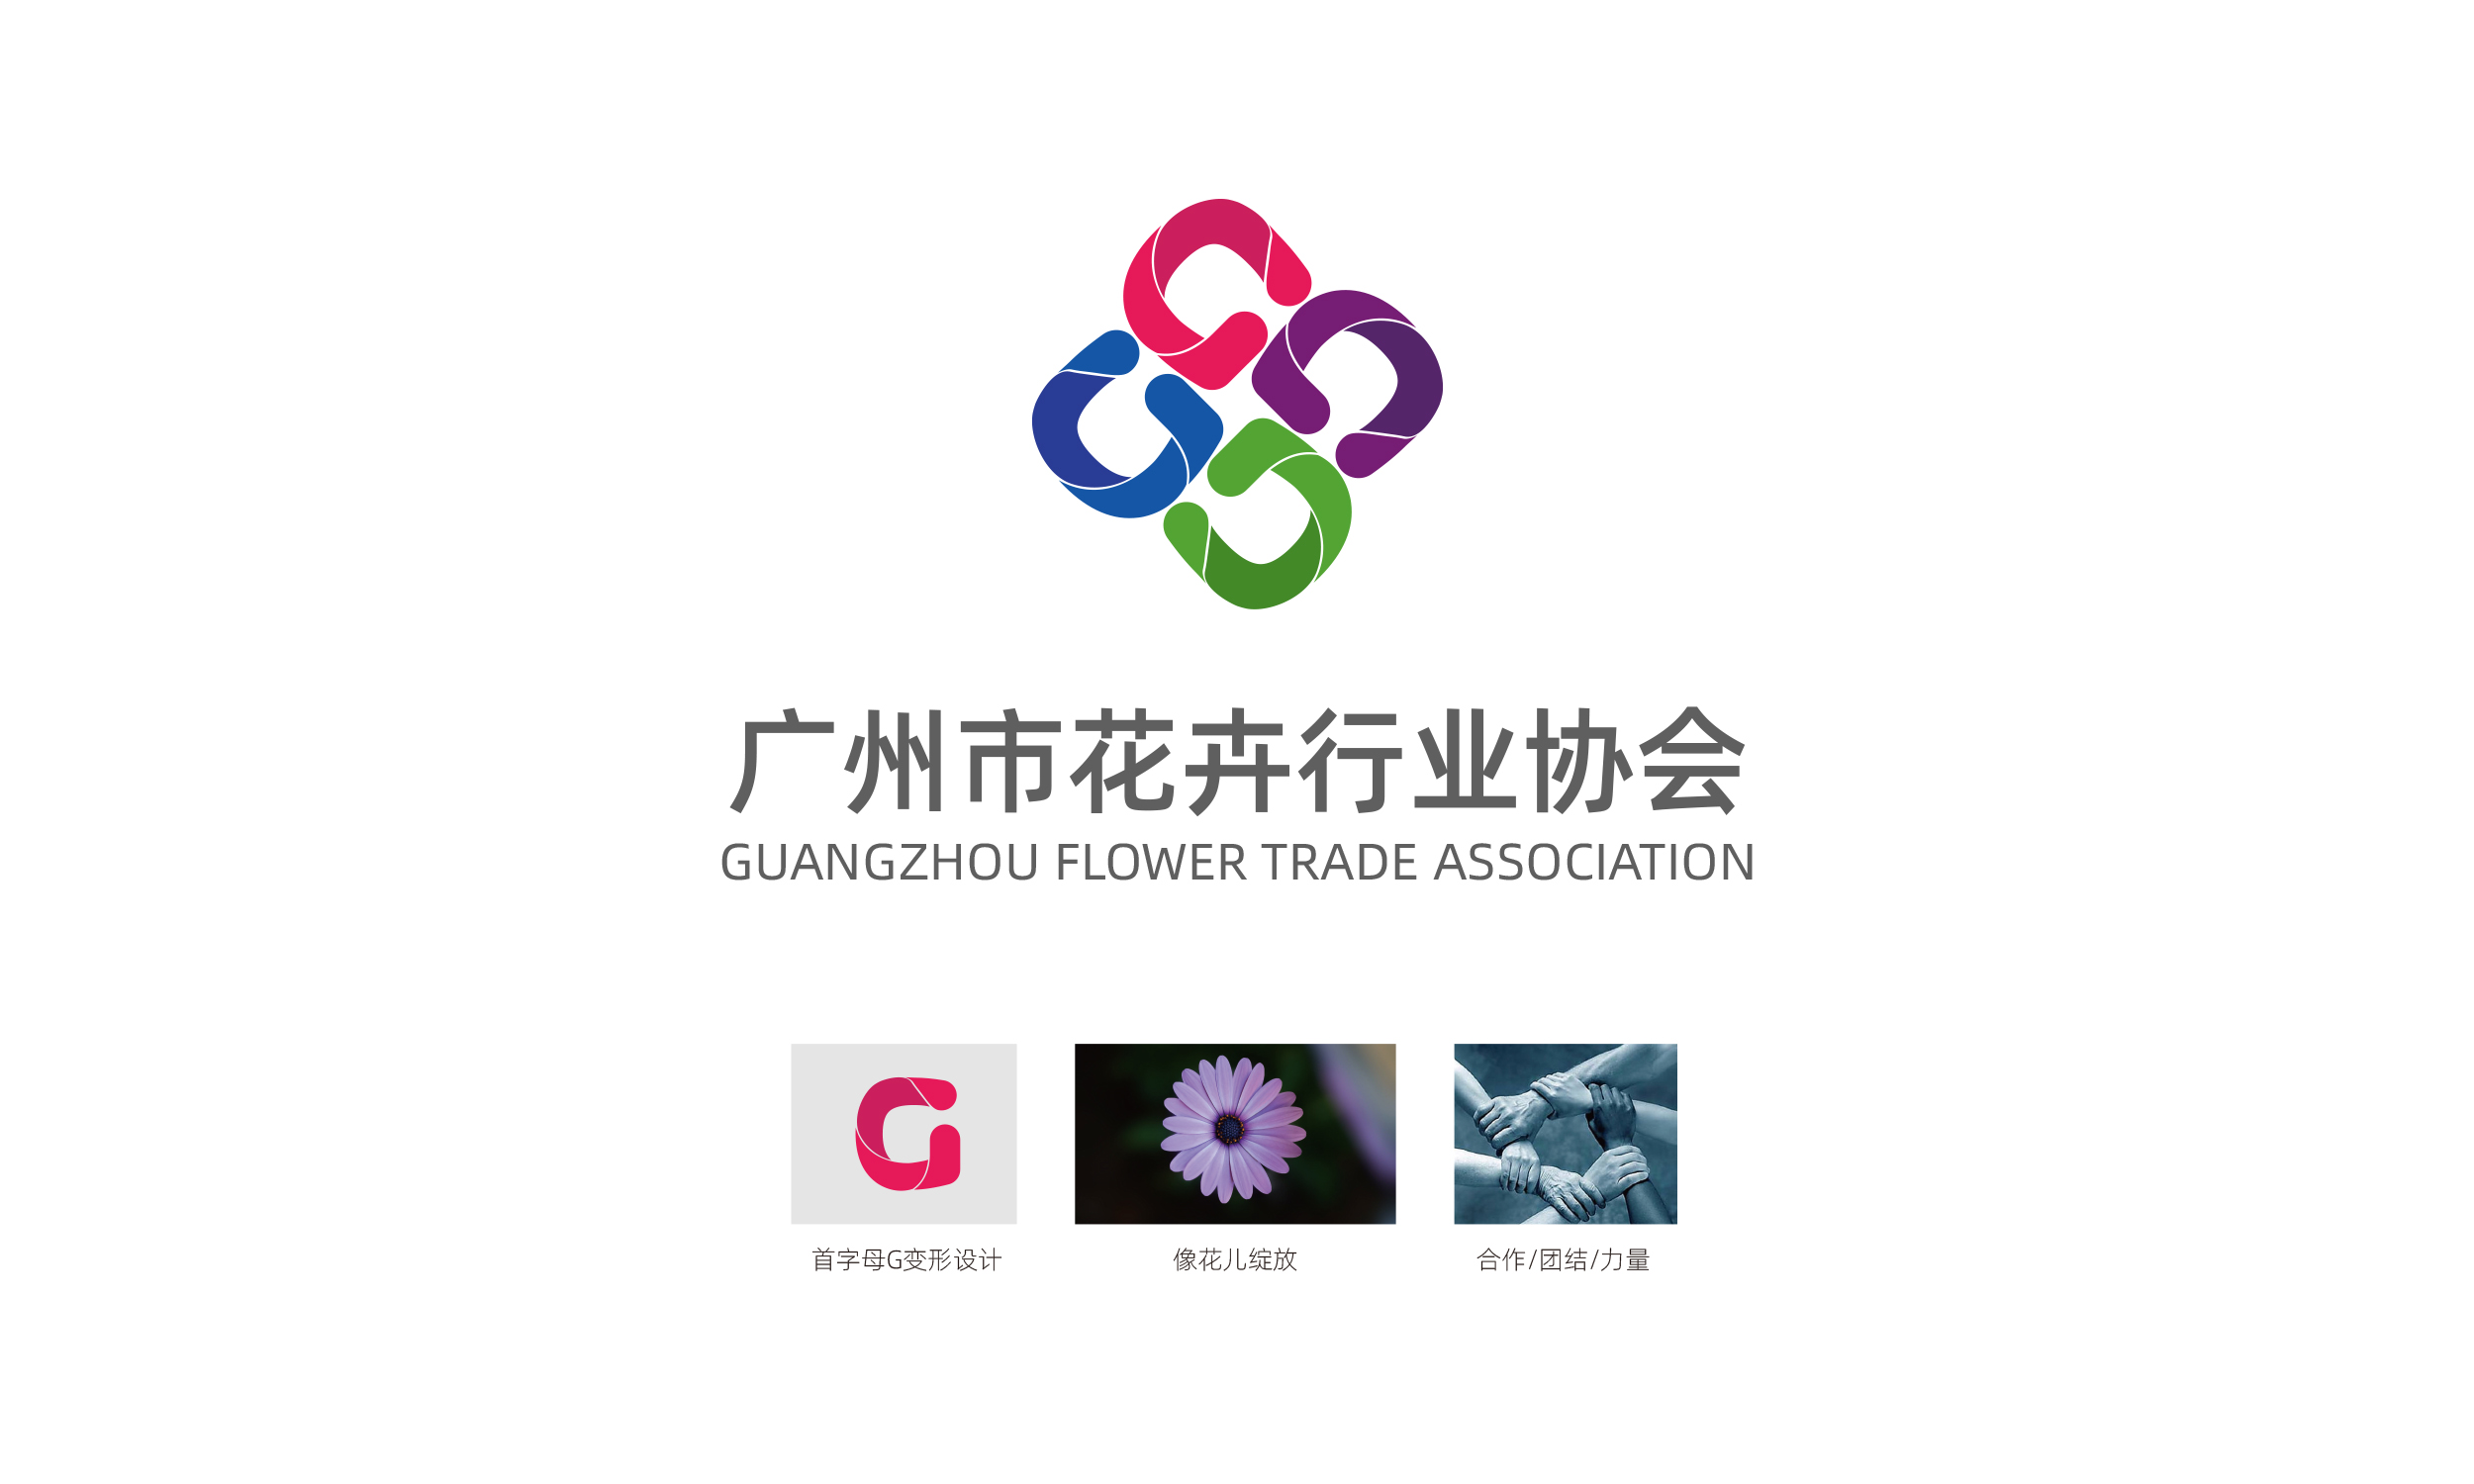 广州市花卉行业协会LOGO设计_3032245_k68威客网